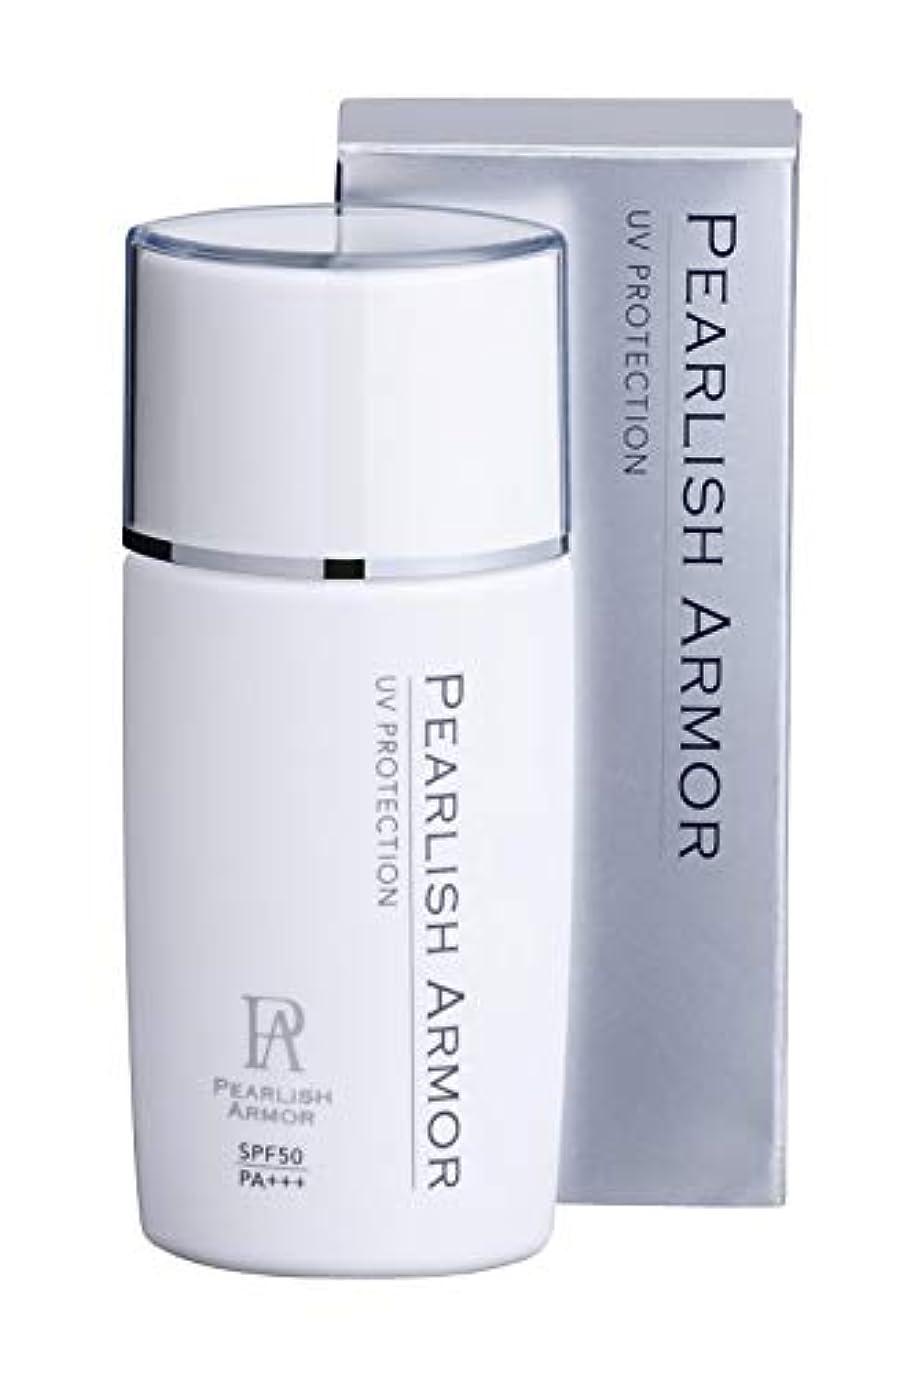 残酷好意合理的PEARLISH ARMOR UVプロテクション SPF50 PA+++ 35ml【日焼け止め 顔体用】